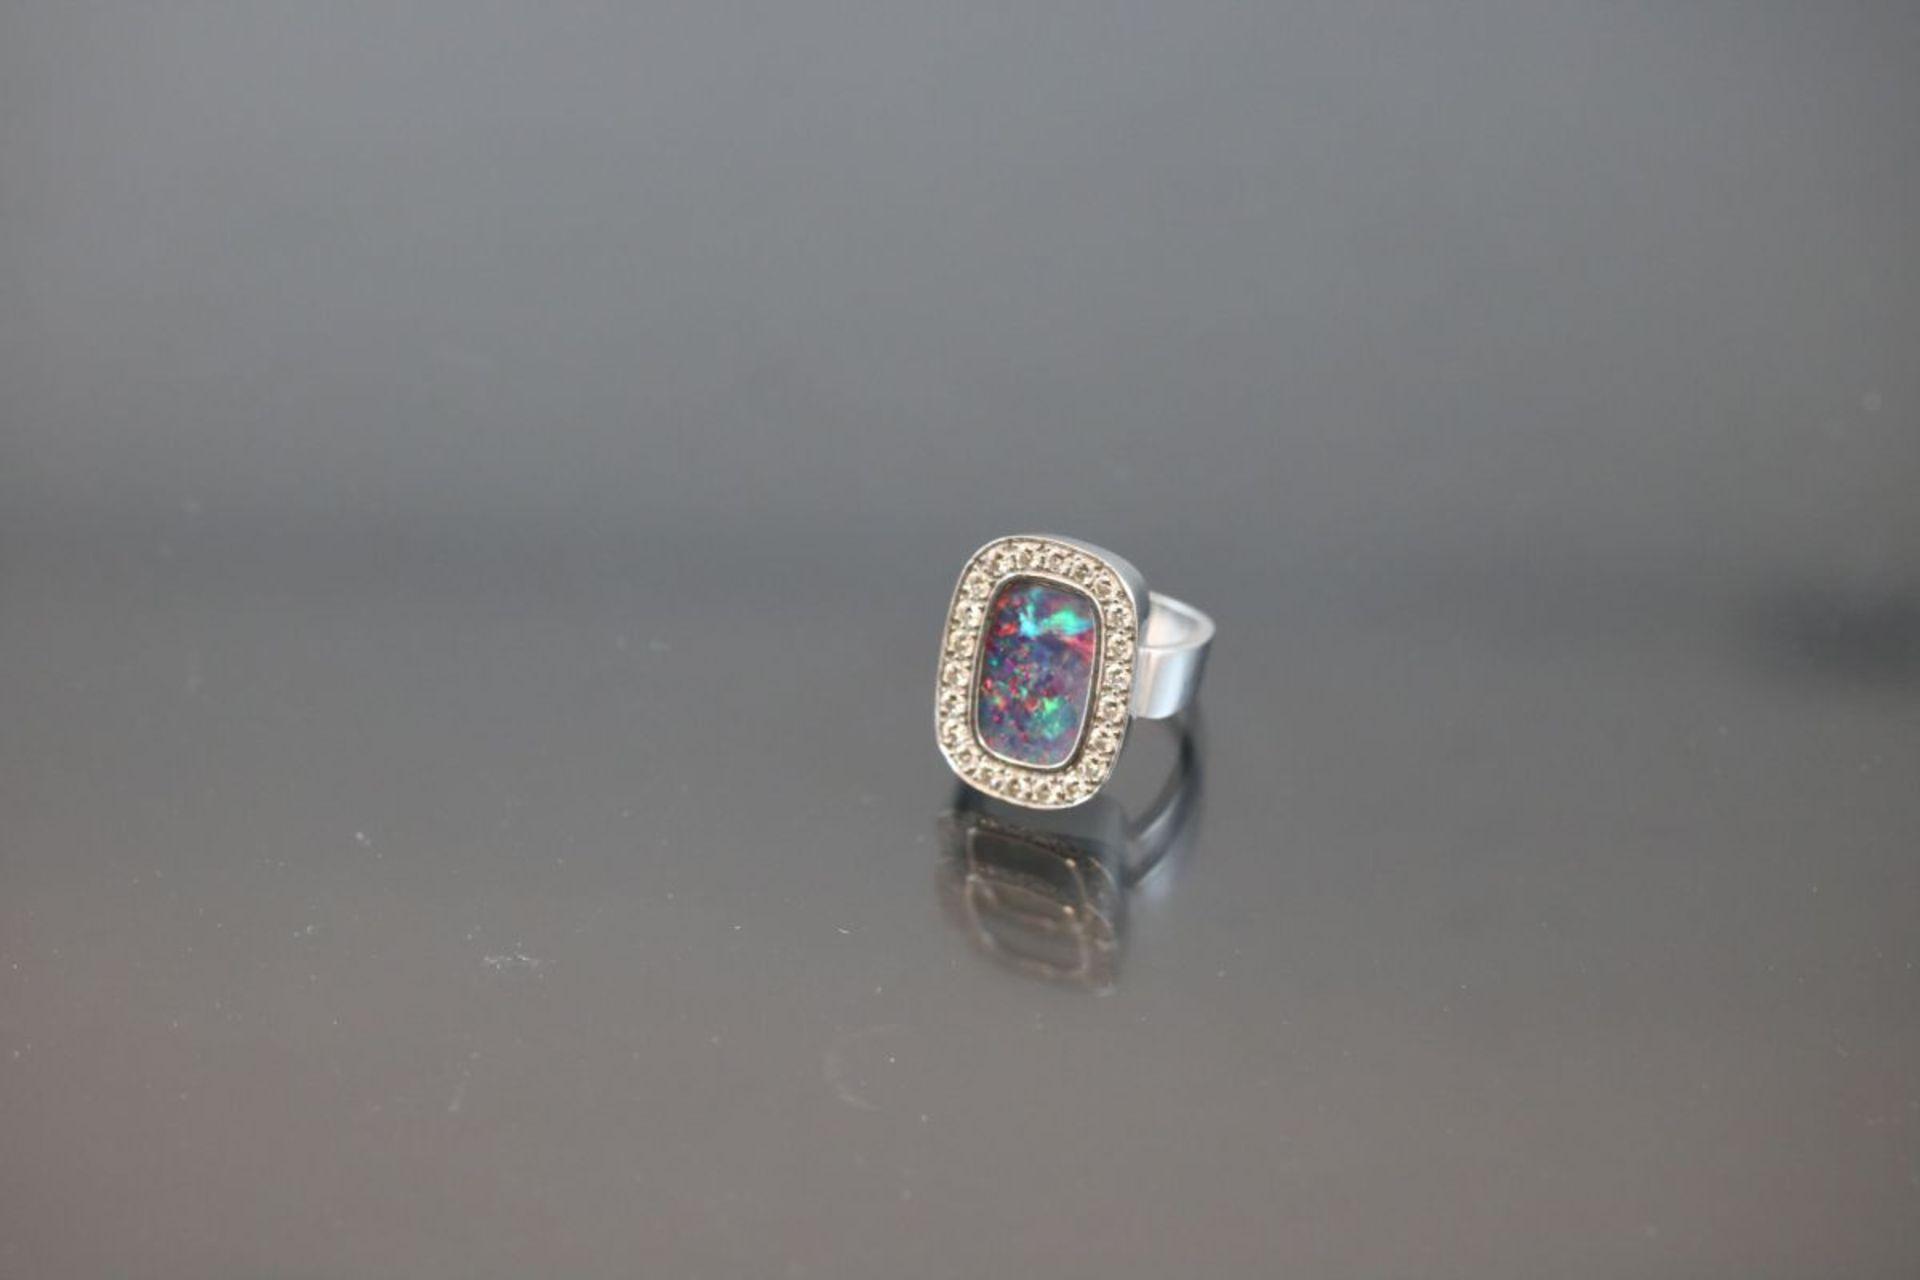 Opal-Brillant-Ring, 750 Weißgold11,3 Gramm 22 Brillanten, 0,66 ct., tw/vsi. Ringgröße: